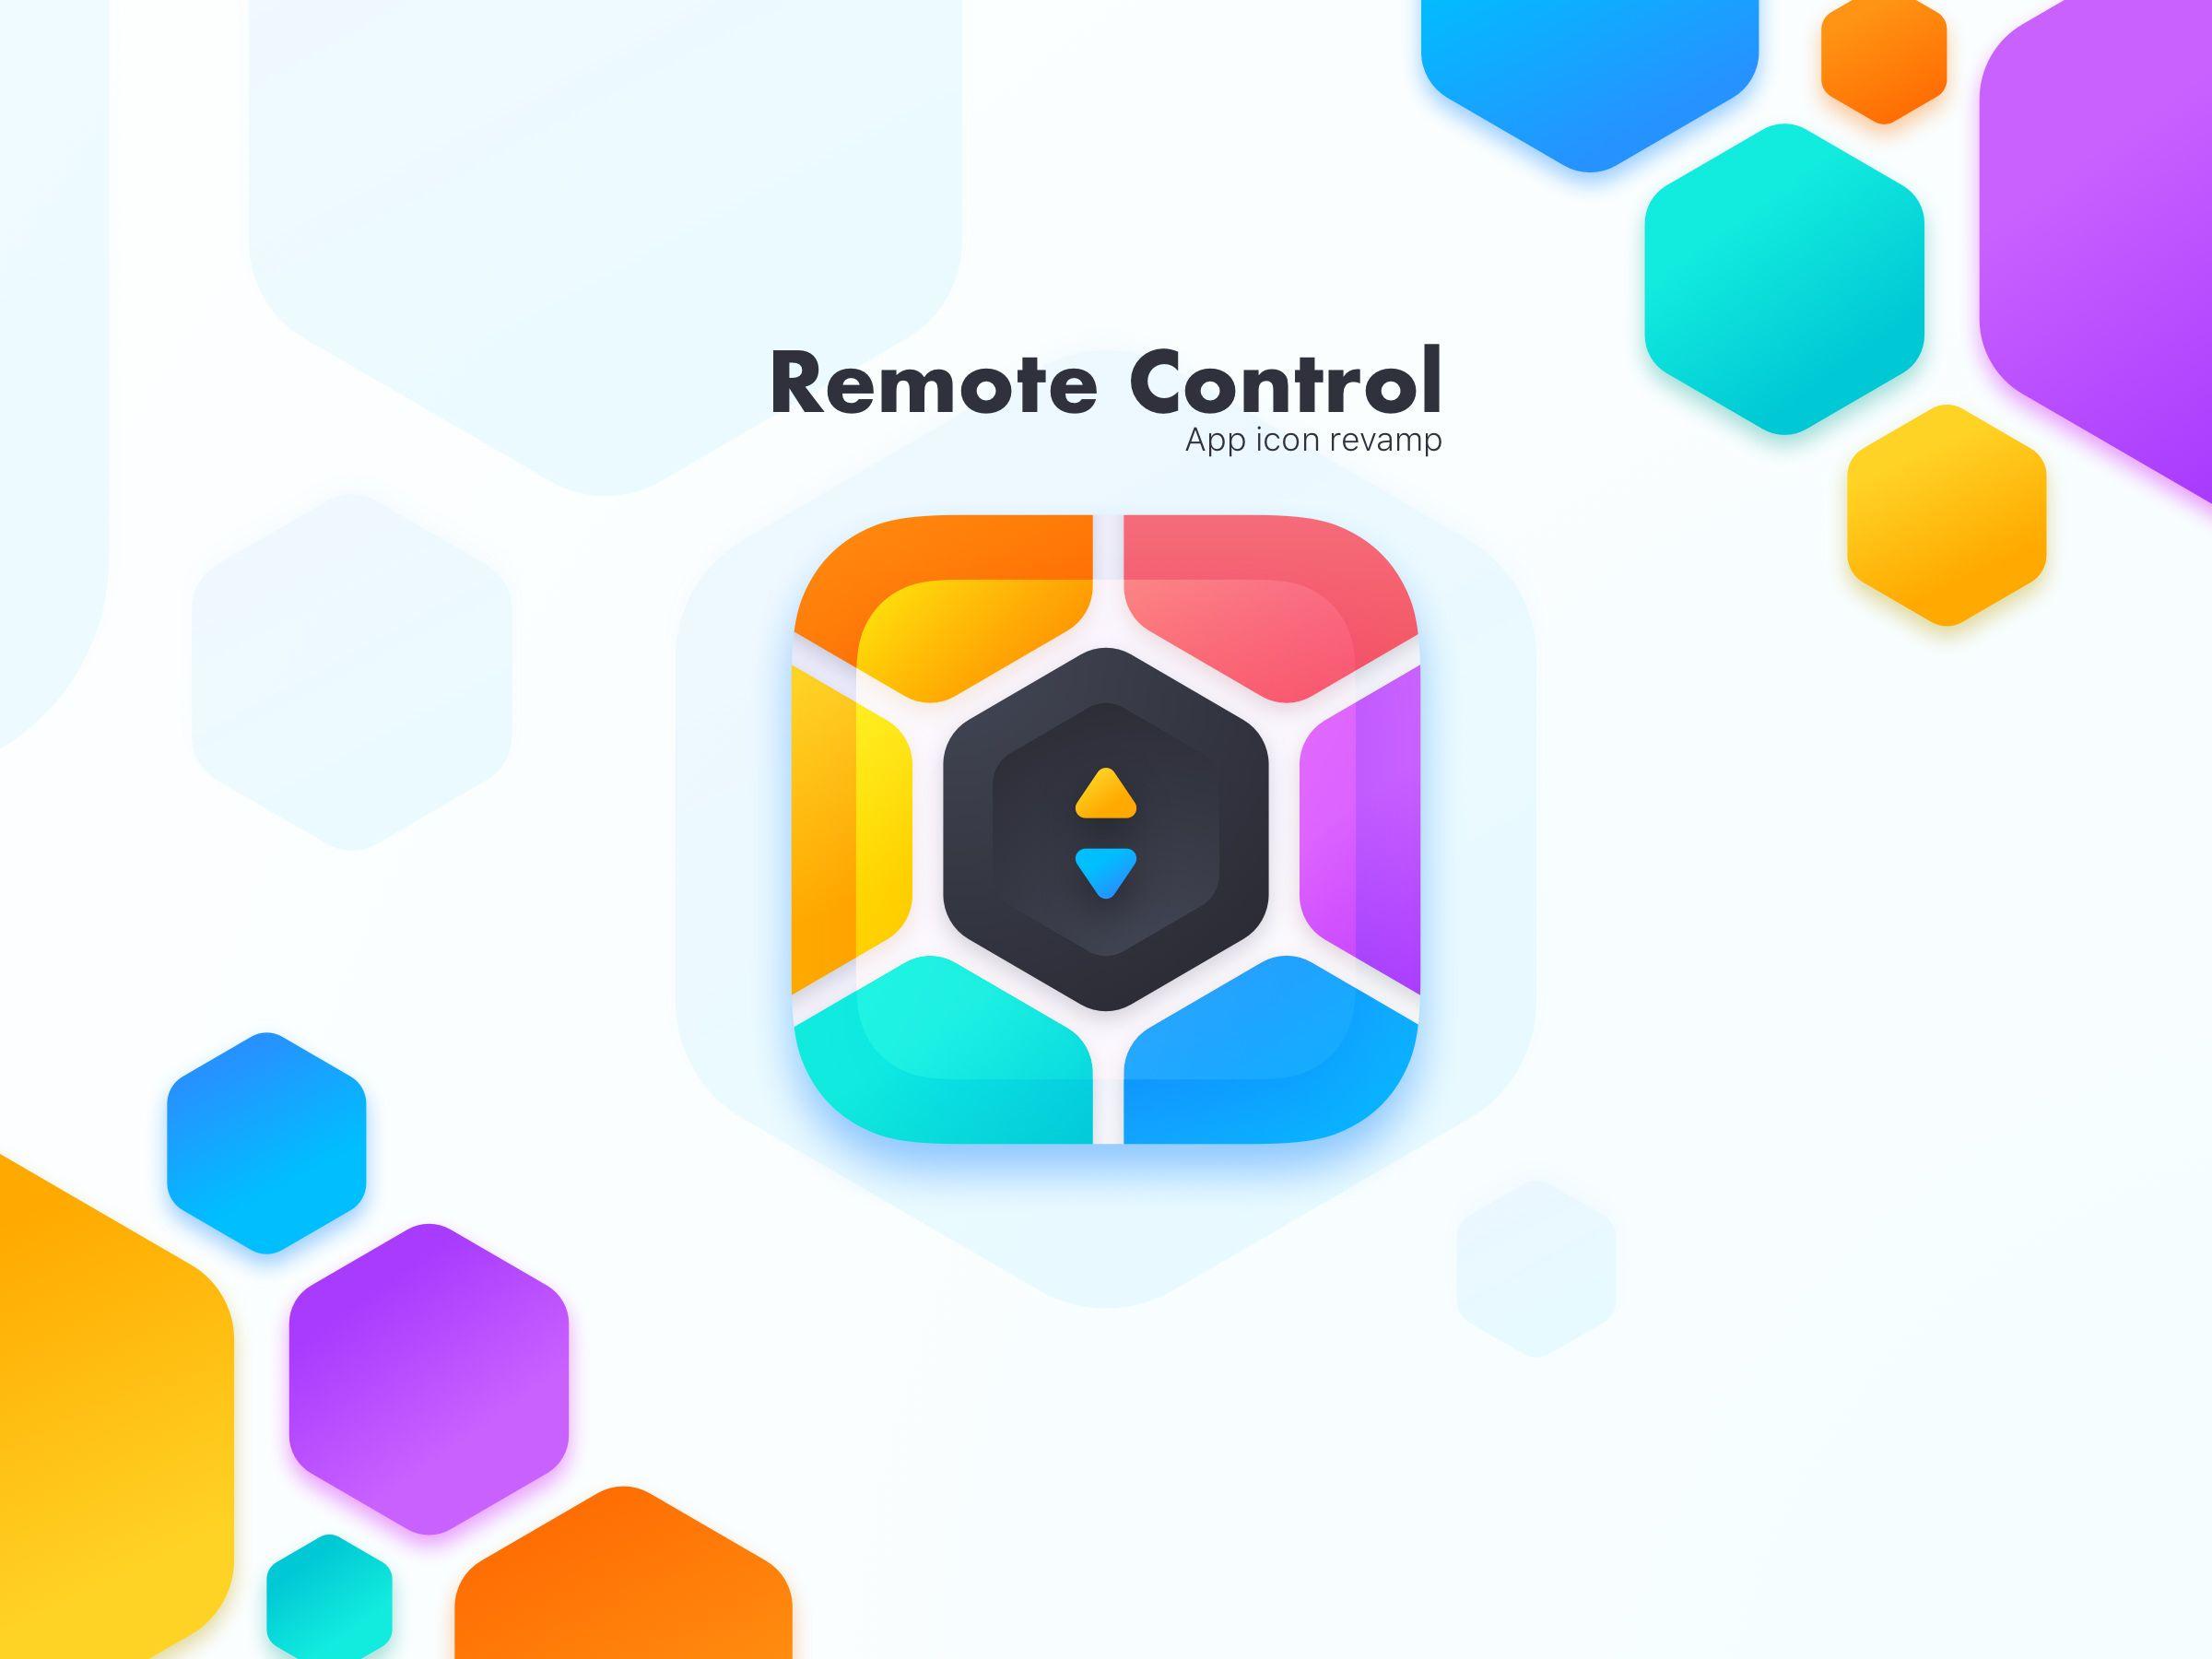 Remote Control App Icon App Icon App Icon Design Mobile App Icon